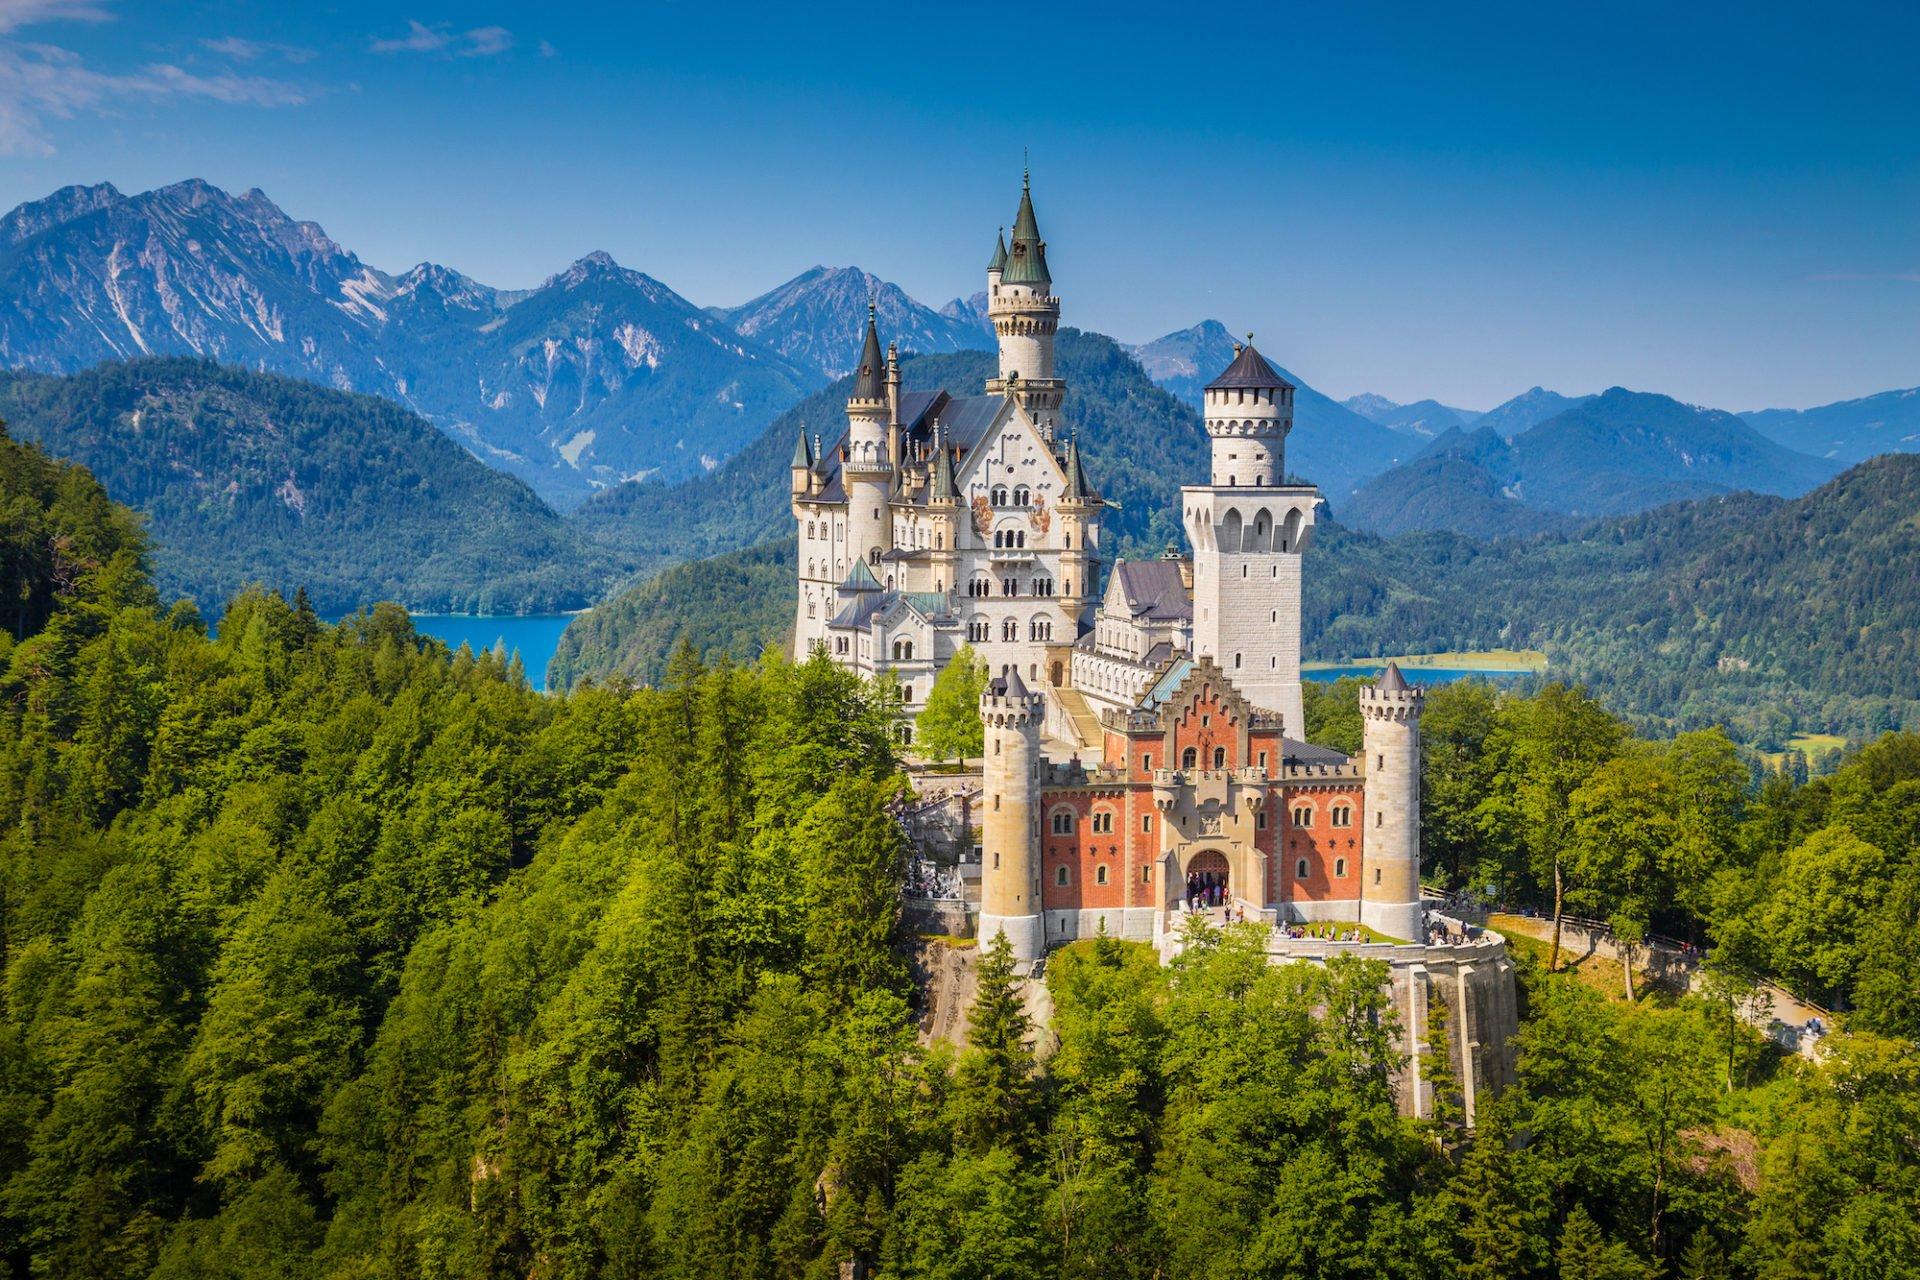 Burgen in Deutschland - Top 20 schönste Schlösser im Überblick